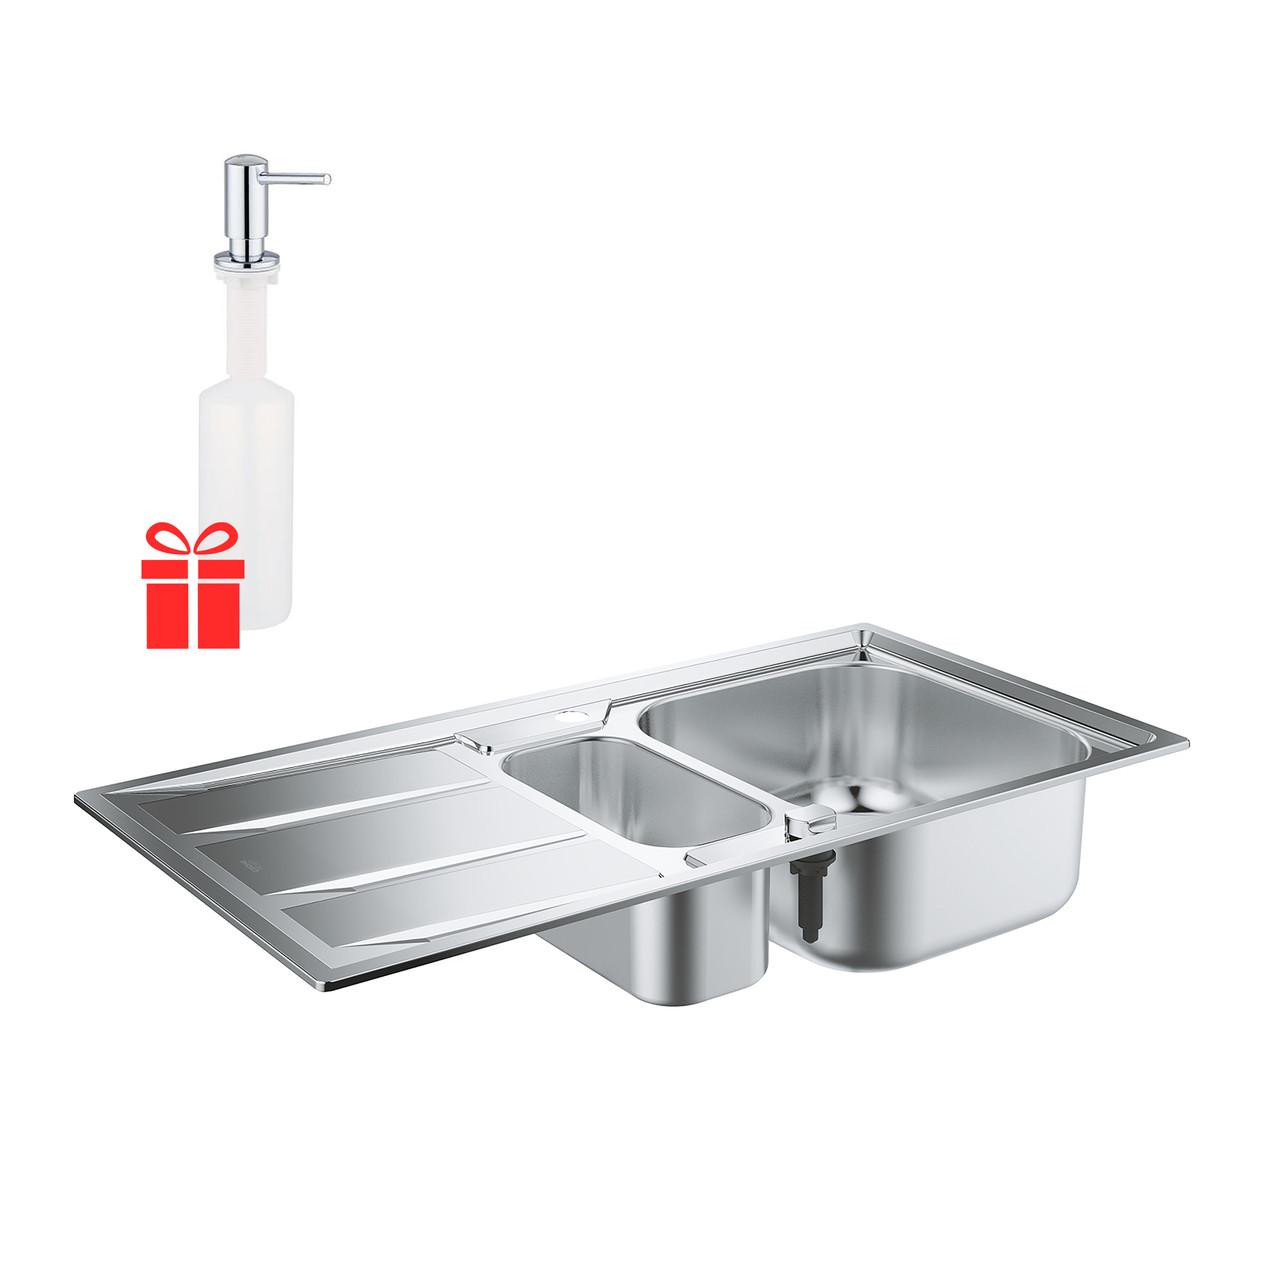 Набор Grohe мойка кухонная K400 31567SD0 + дозатор для моющего средства Contemporary 40536000